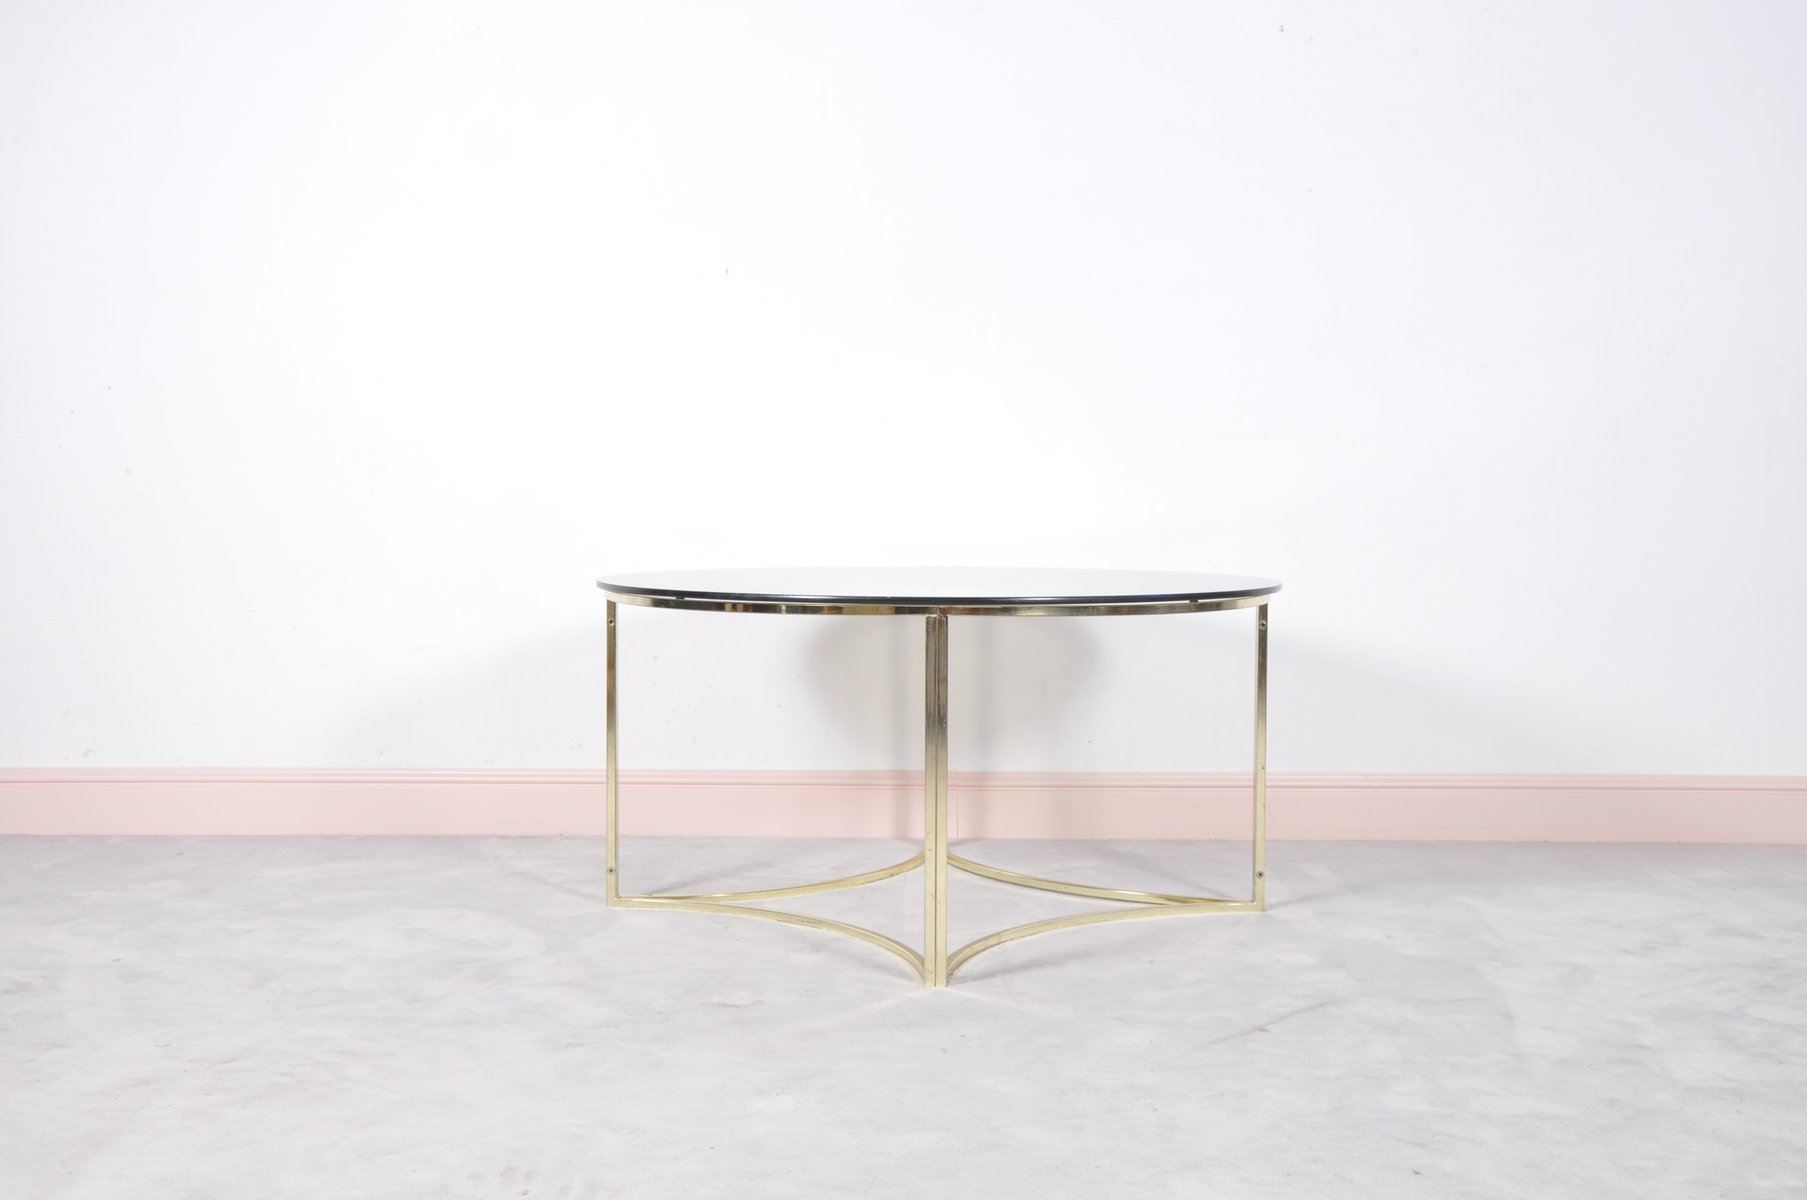 mid century couchtisch aus messing glas bei pamono kaufen. Black Bedroom Furniture Sets. Home Design Ideas